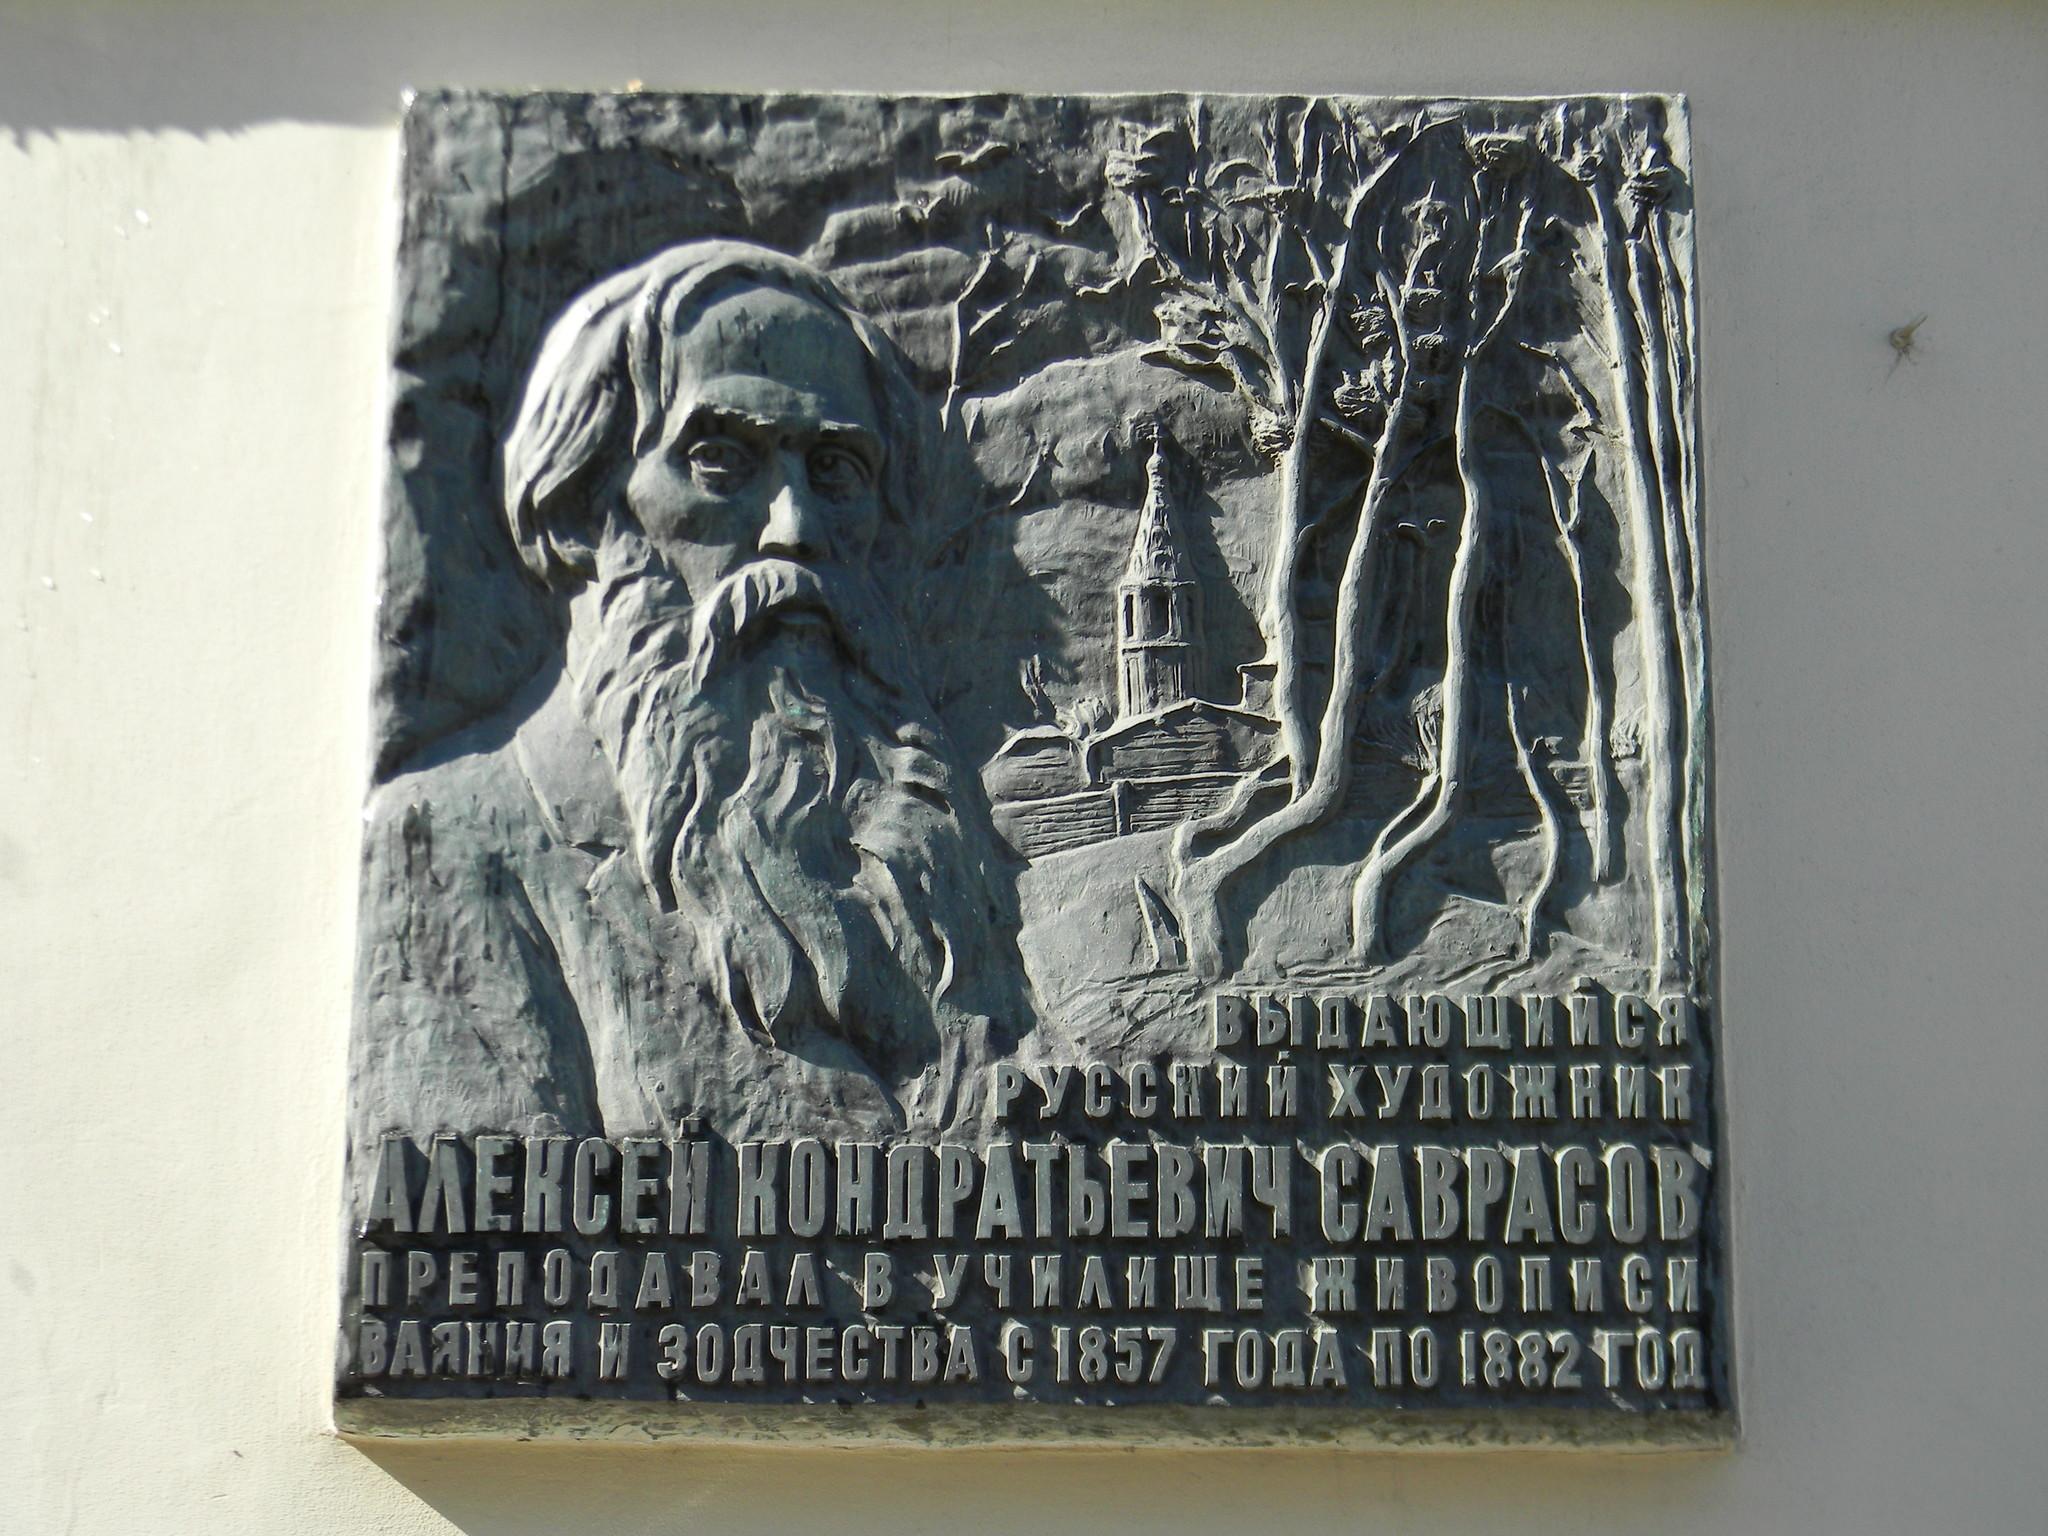 Мемориальная доска Алексею Кондратьевичу Саврасову (Мясницкая улица, дом 21/8, строение 1)